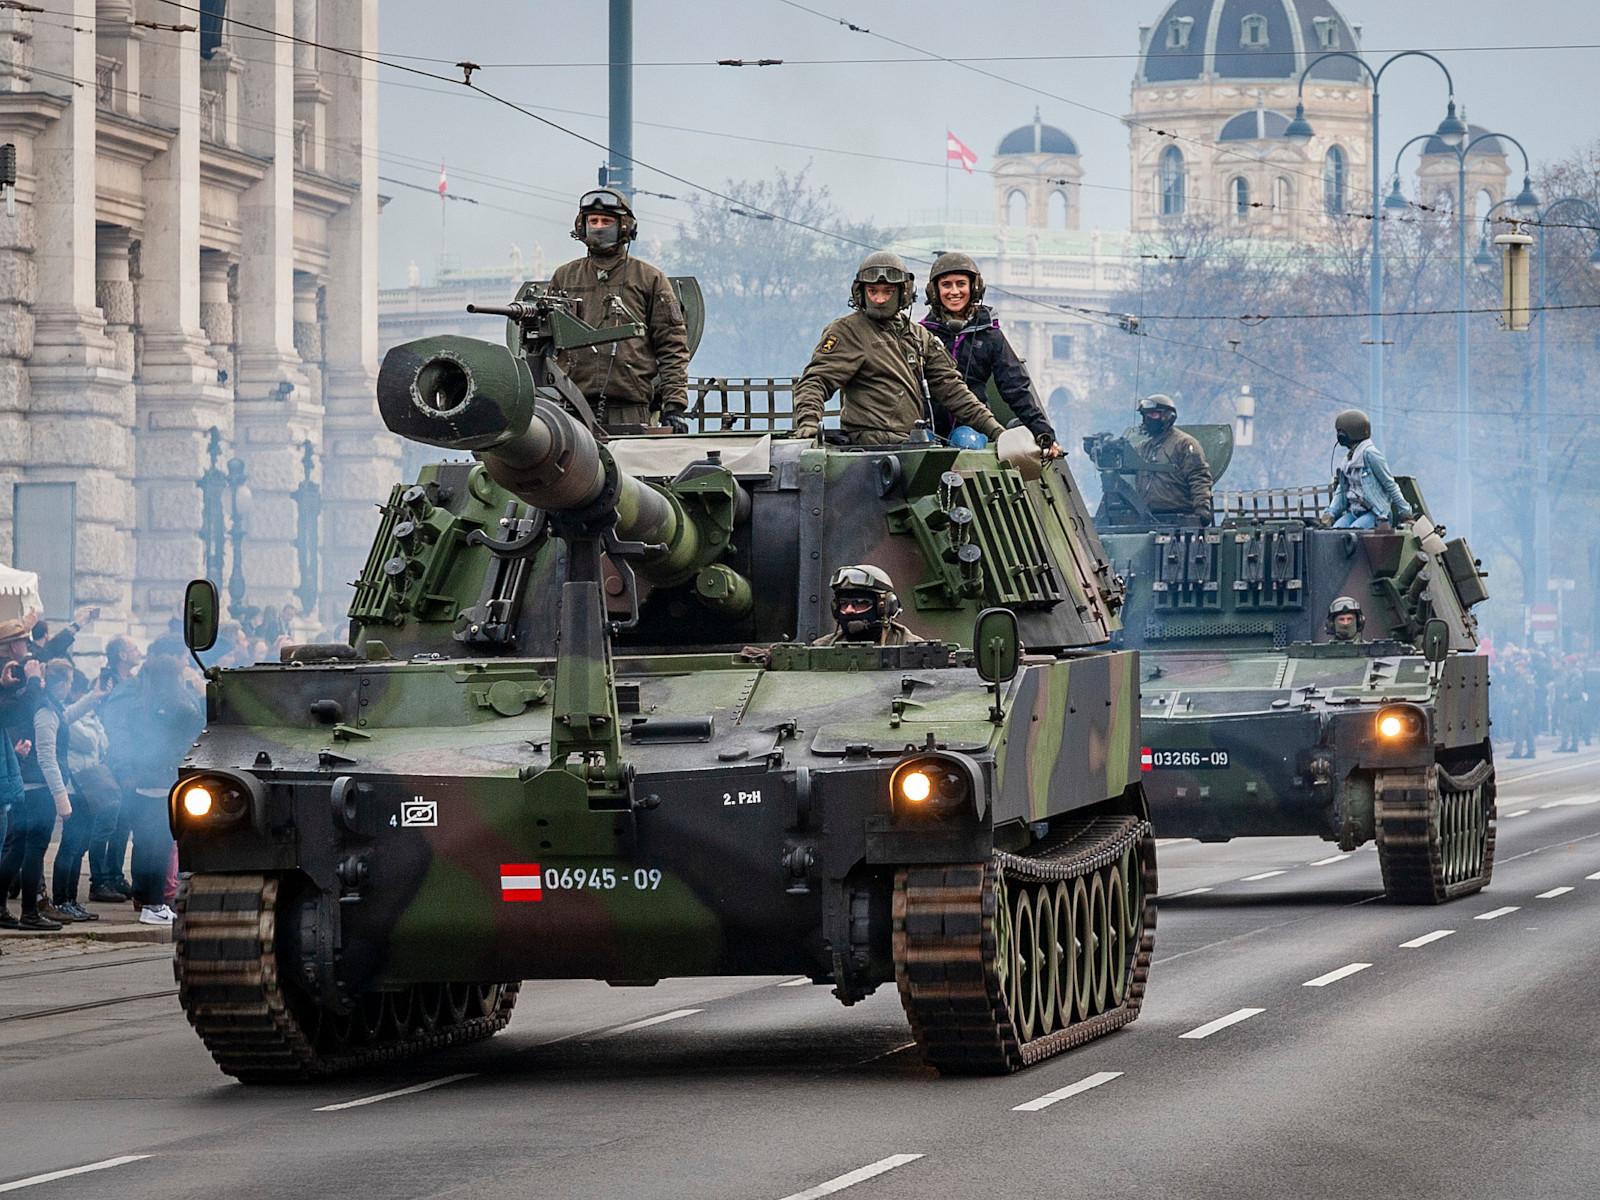 155 mm Panzerhaubitze M109 A5Ö. Dahinter ein Rechenstellenpanzer © Bundesheer